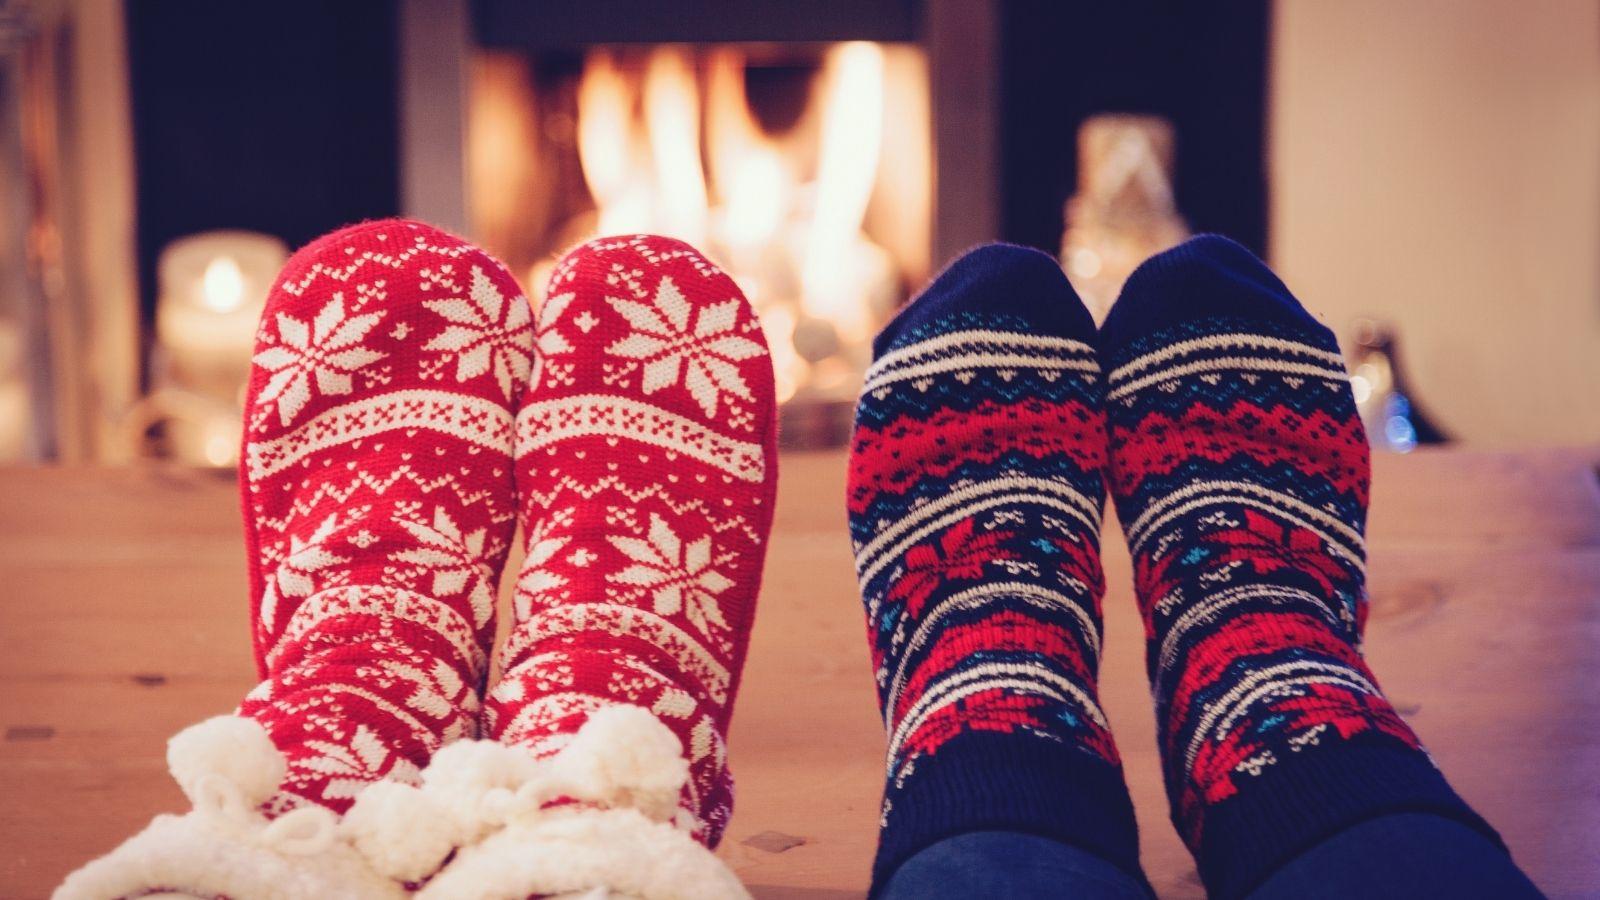 Warm socks by the fire